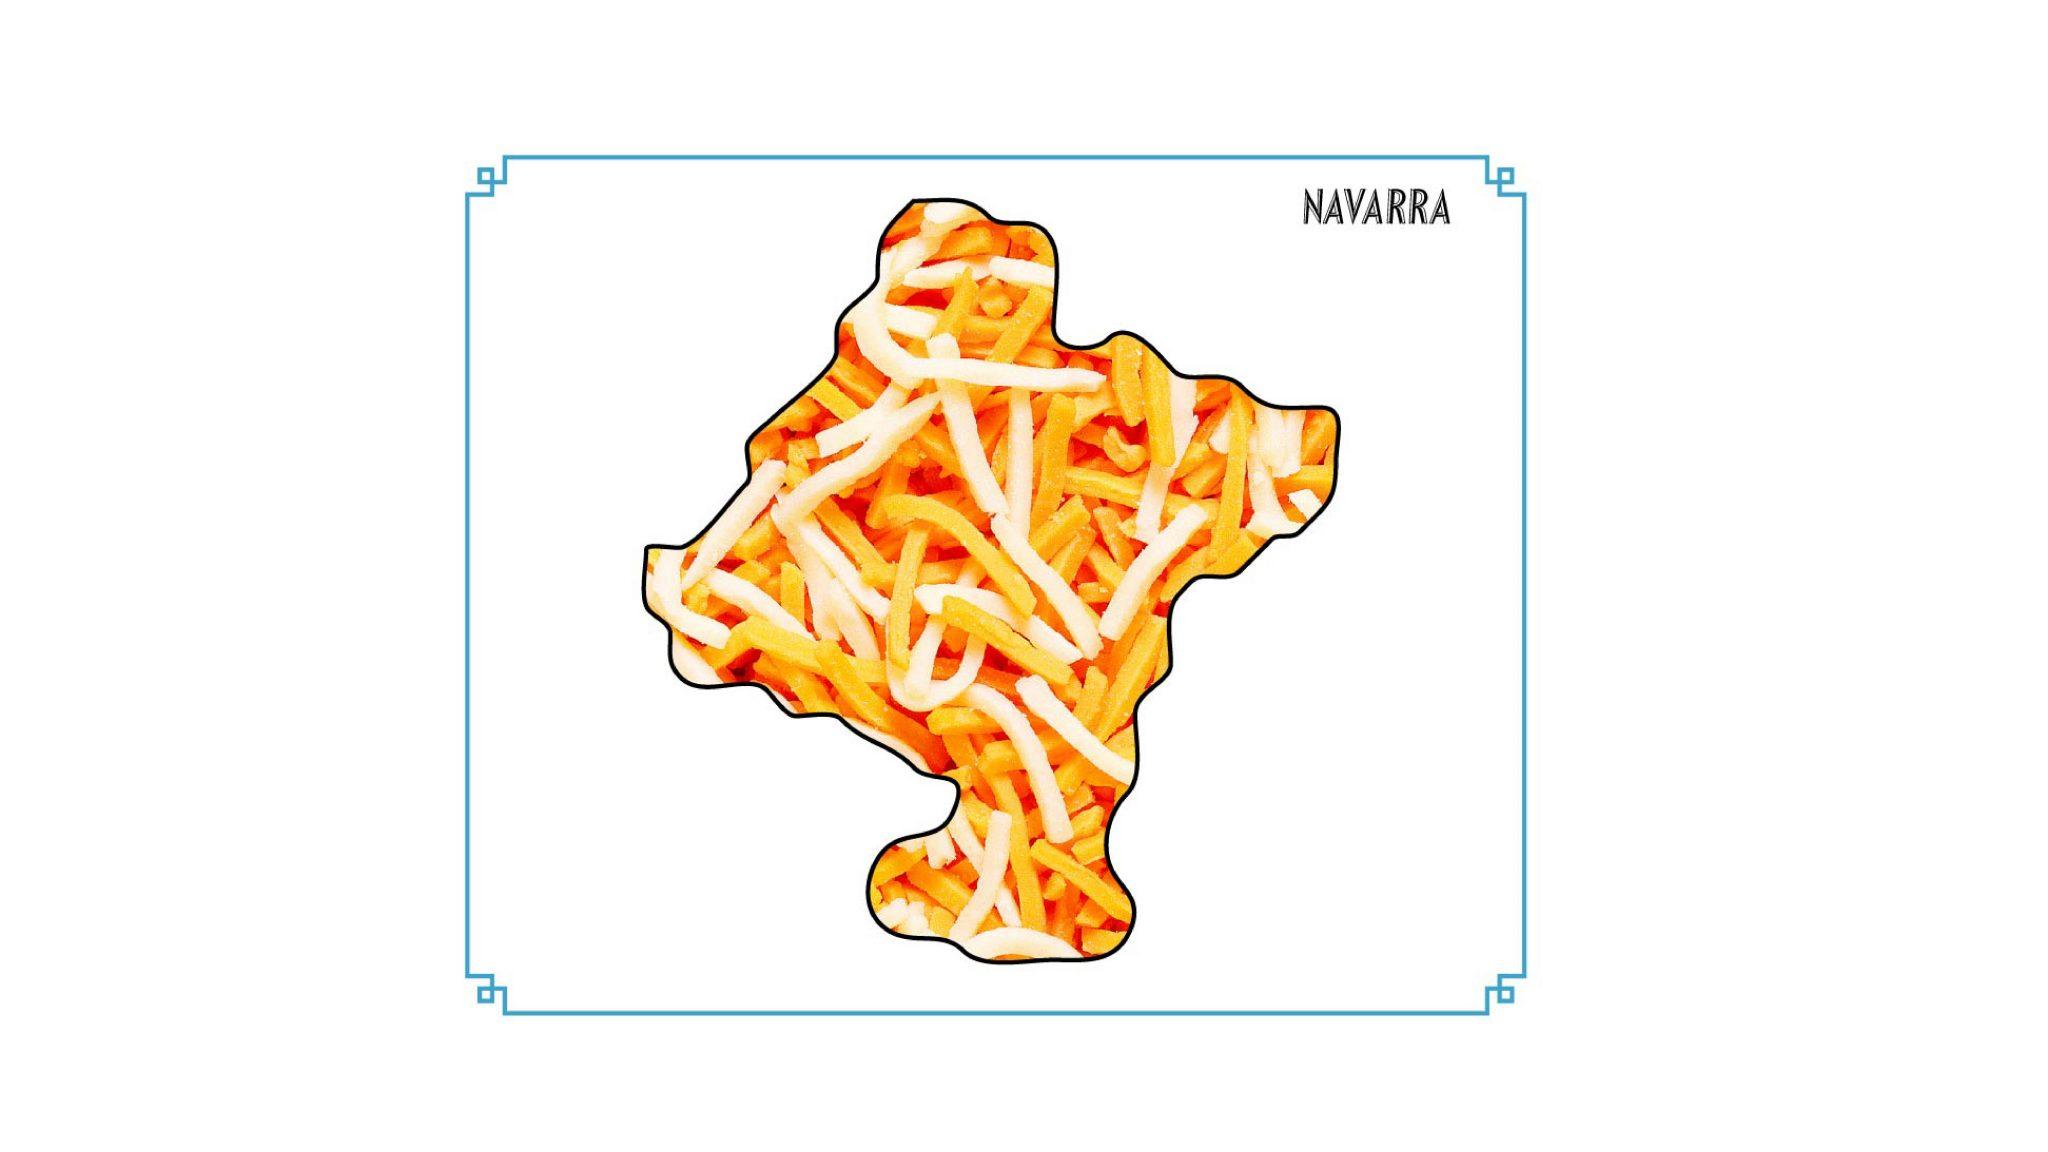 Los más ricos de Navarra | Lista Forbes